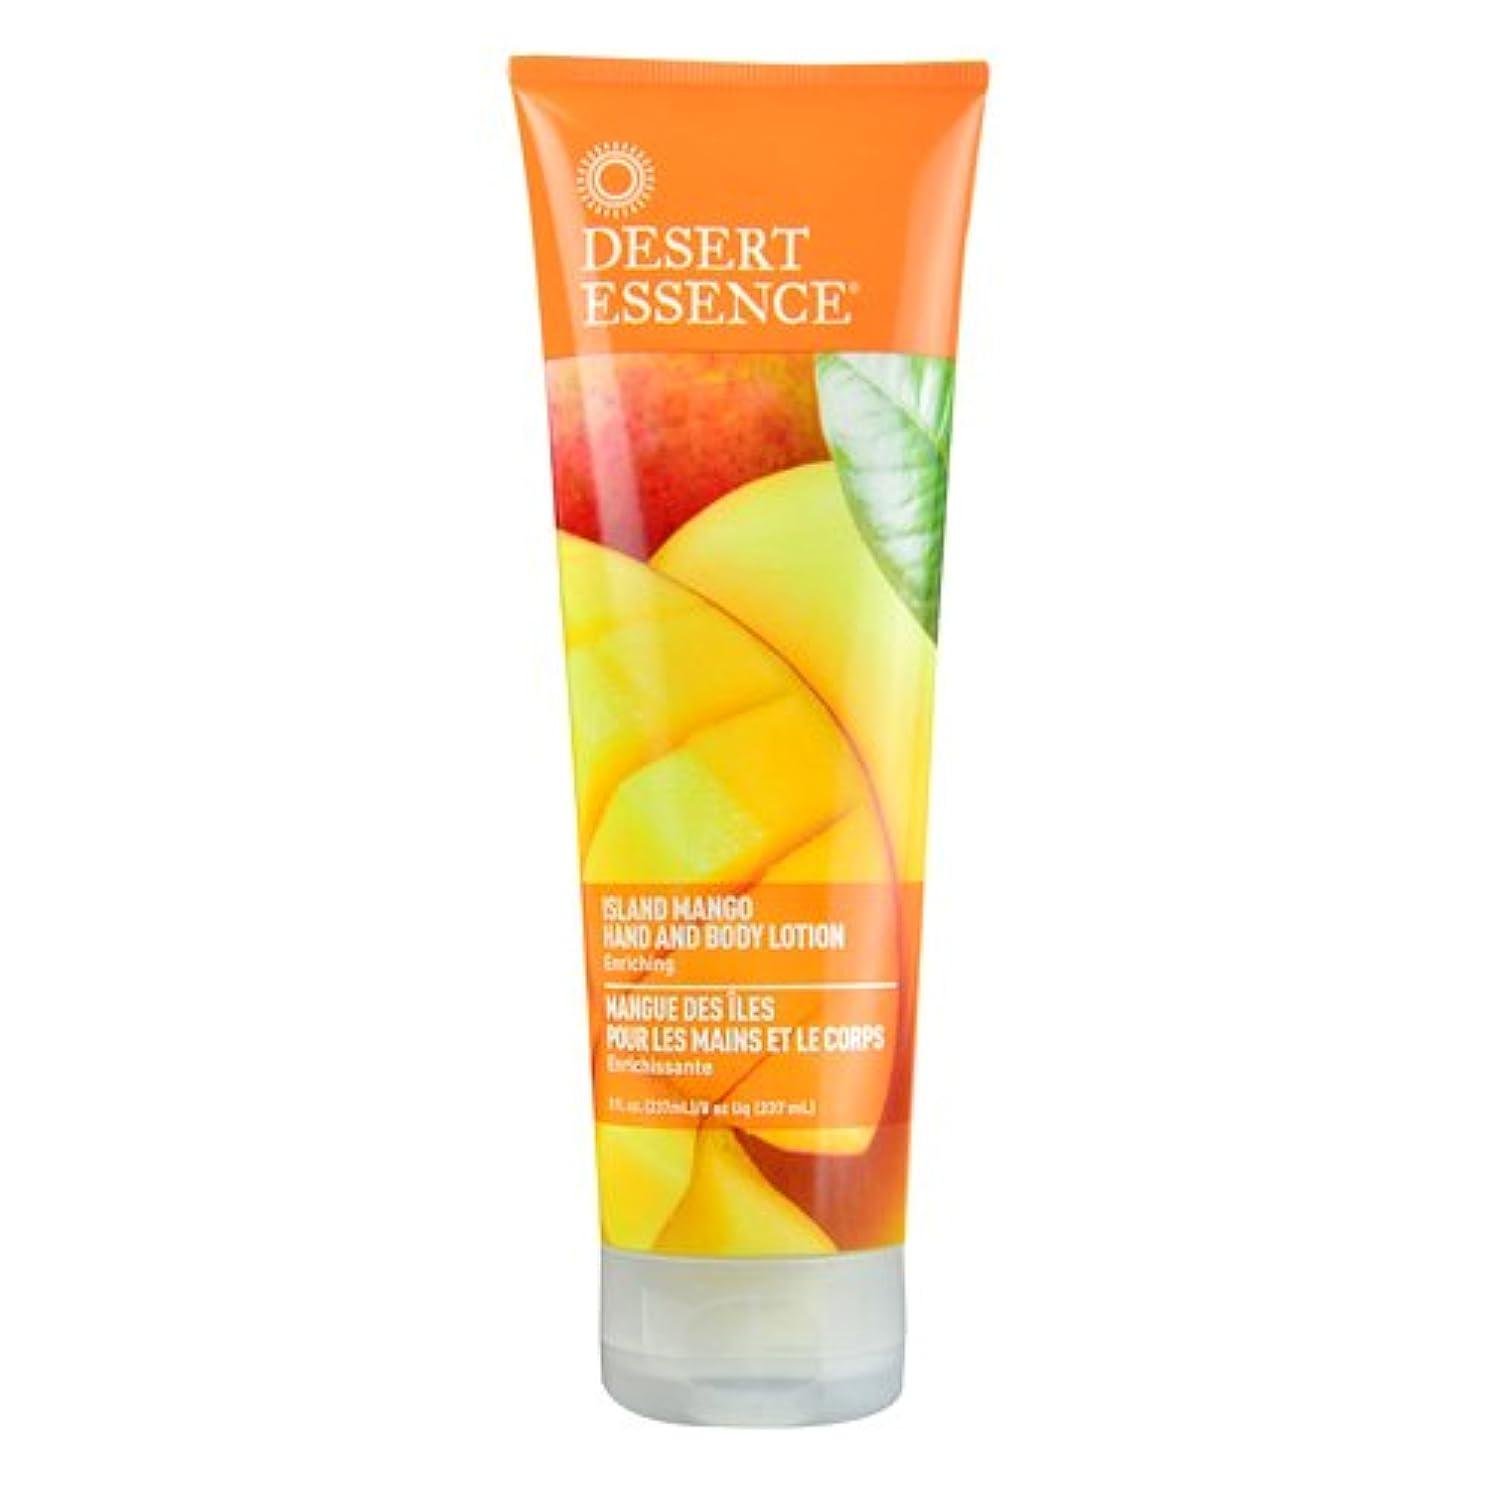 ガイドディスコ農奴Desert Essence, Hand and Body Lotion, Island Mango, 8 fl oz (237 ml)